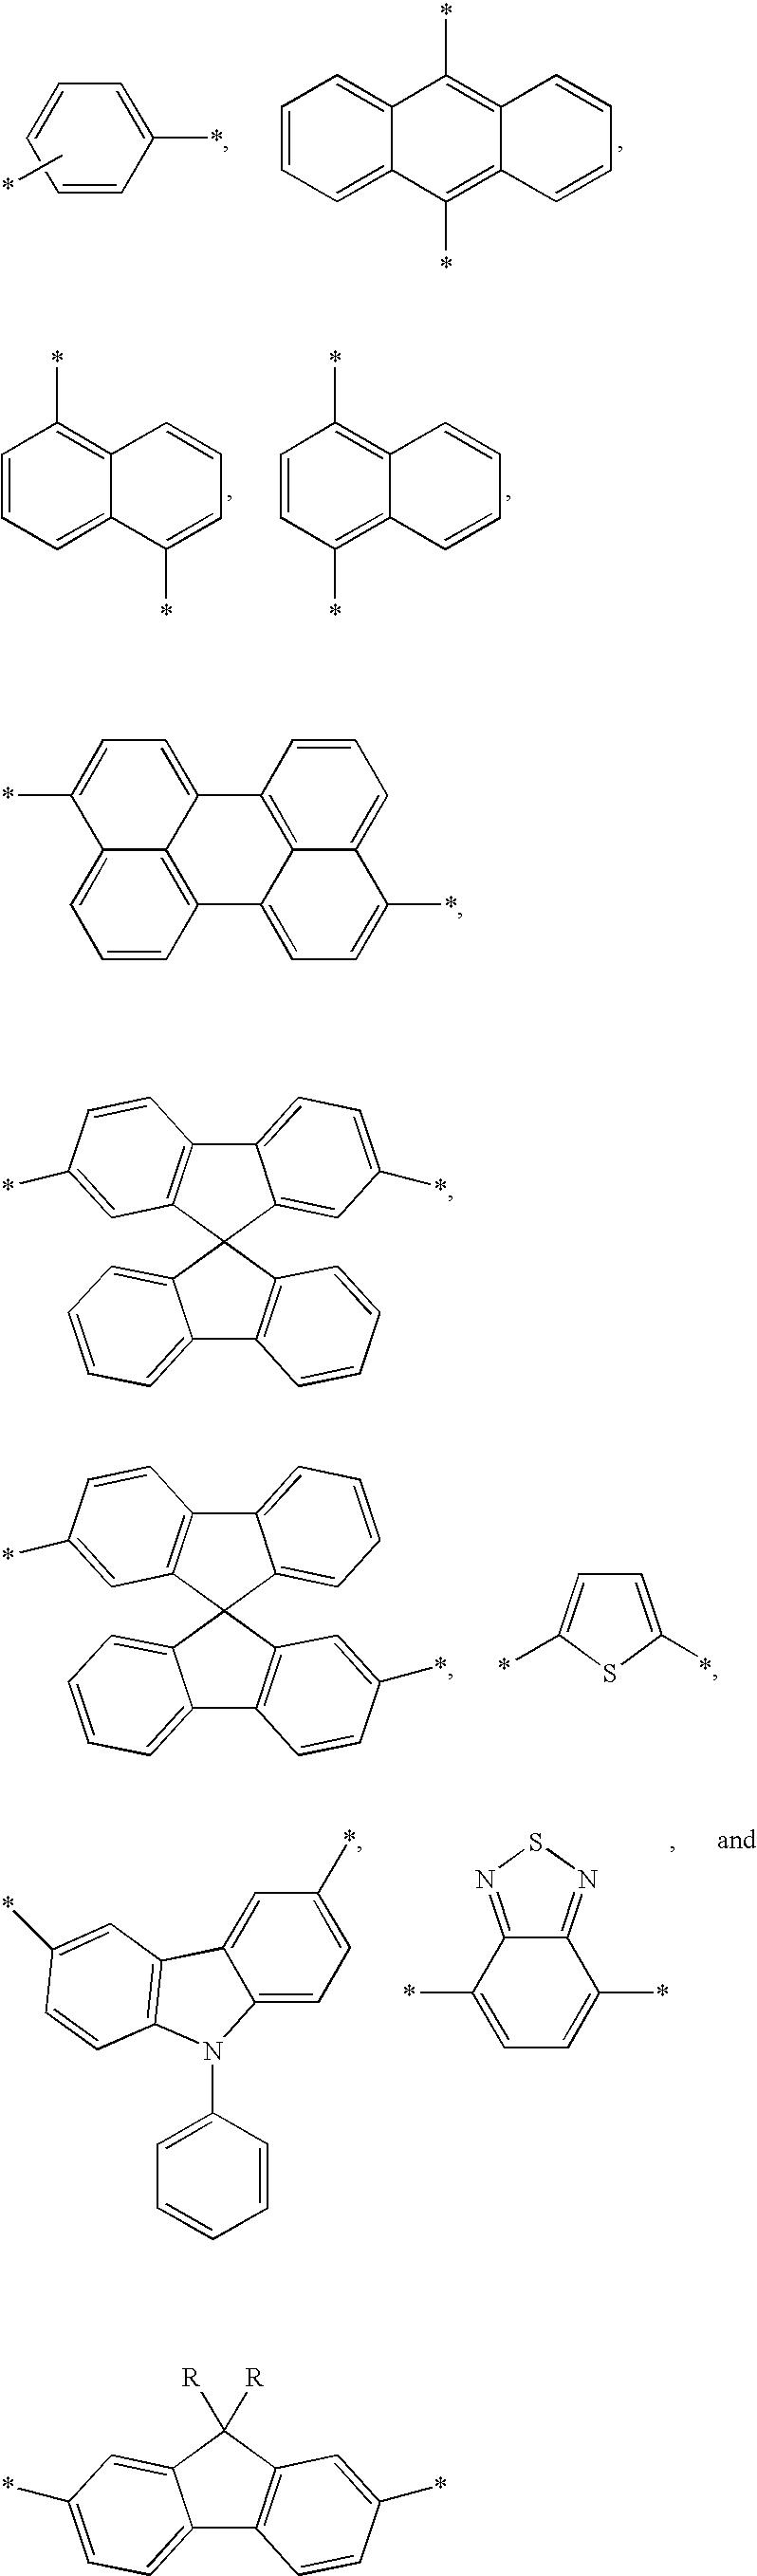 Figure US20070107835A1-20070517-C00082